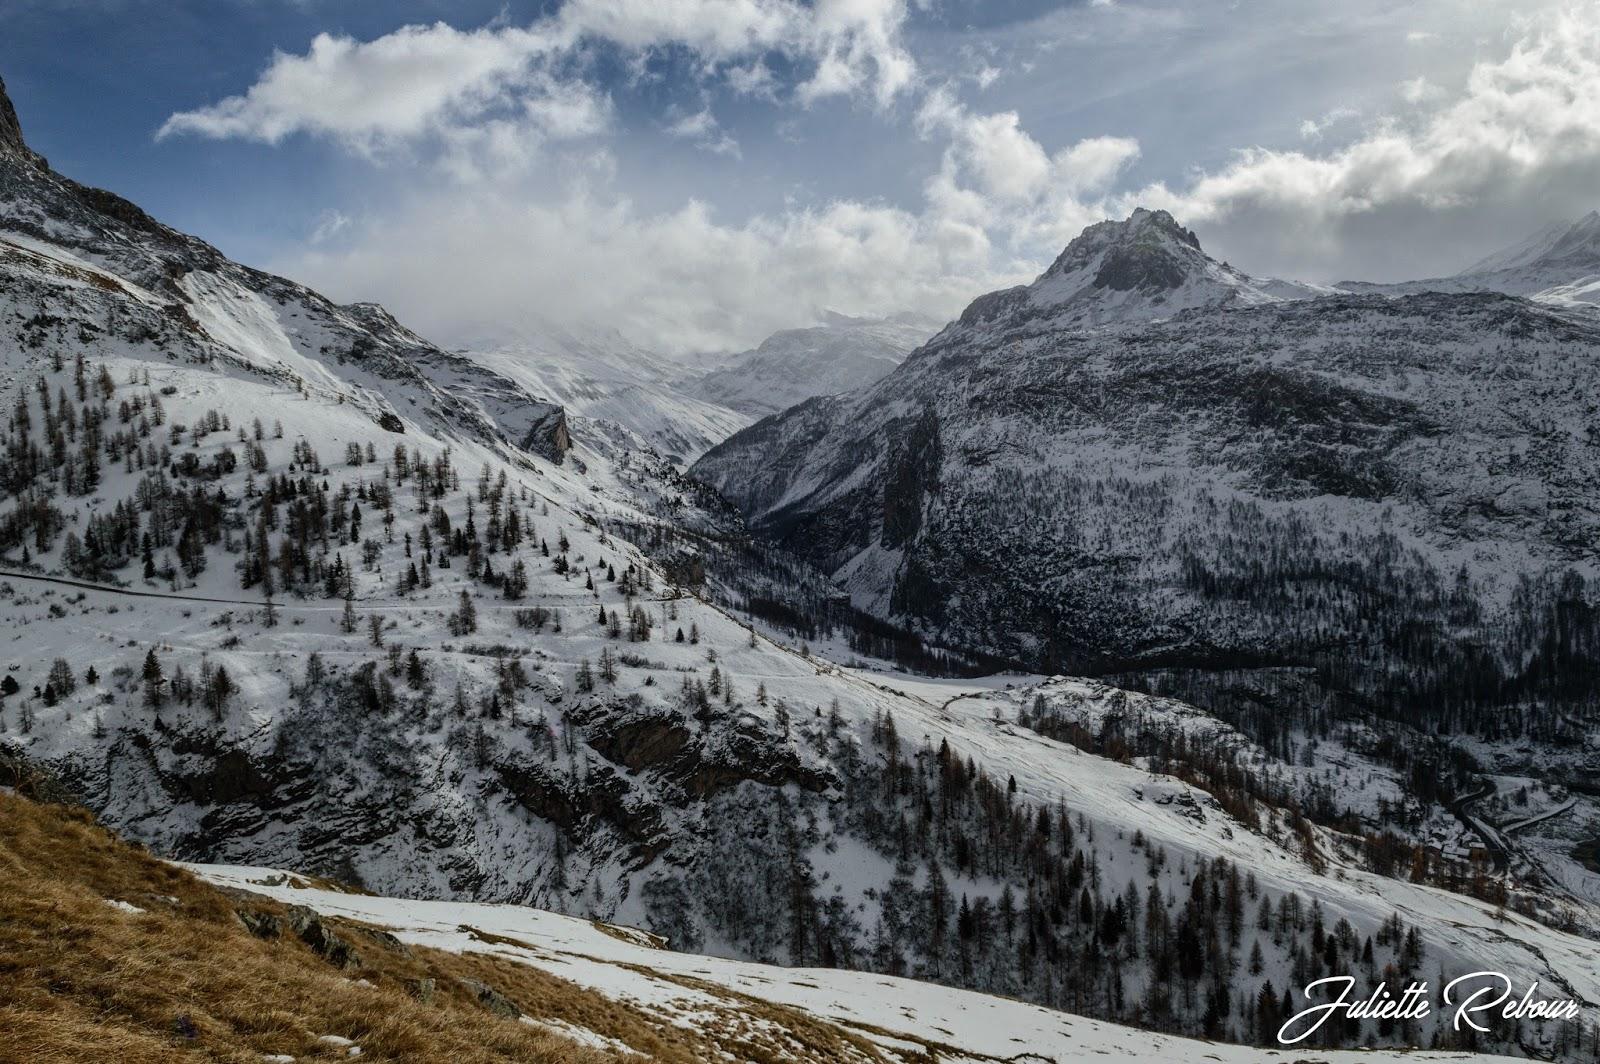 Rocher de Bellevarde, Val d'Isère